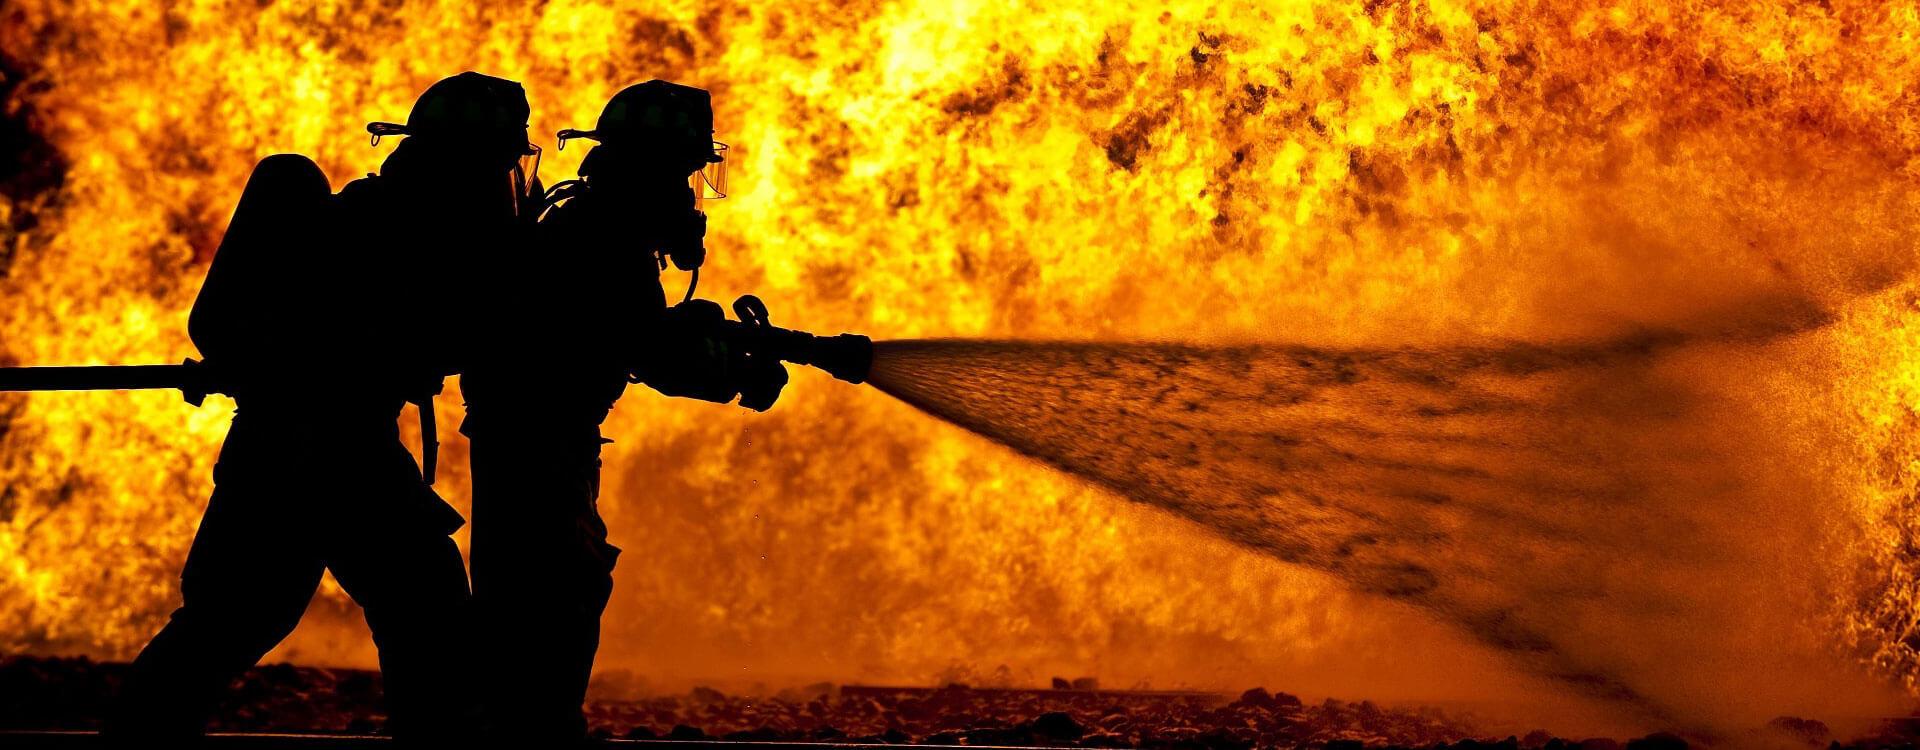 Feuerwehr Landenhausen